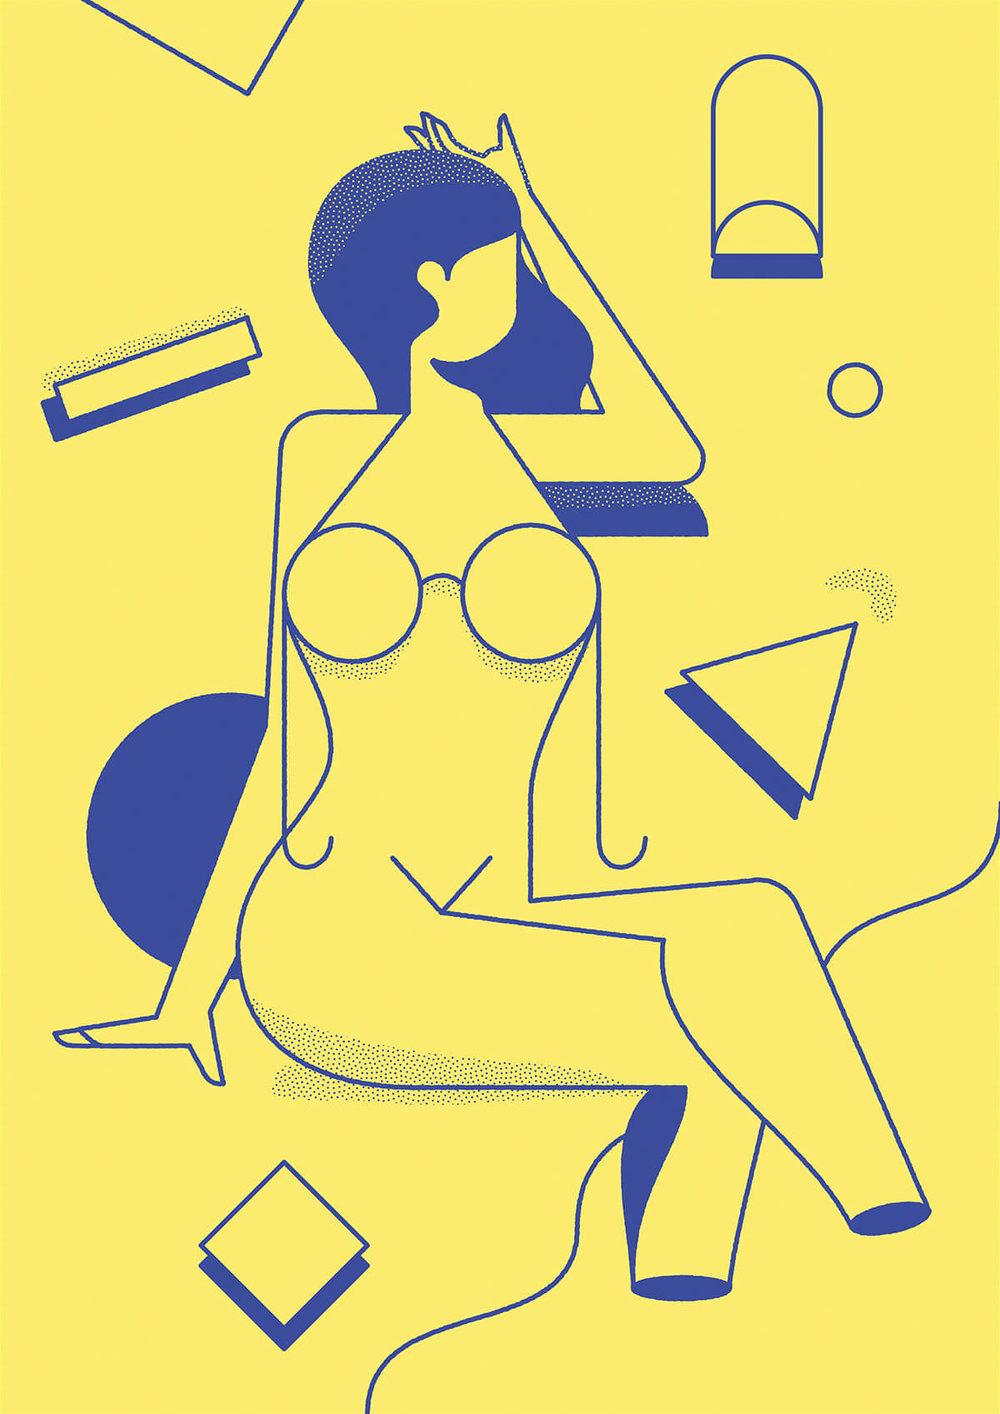 Timo-Kuilder-illustration-goodfromyou-14.jpg